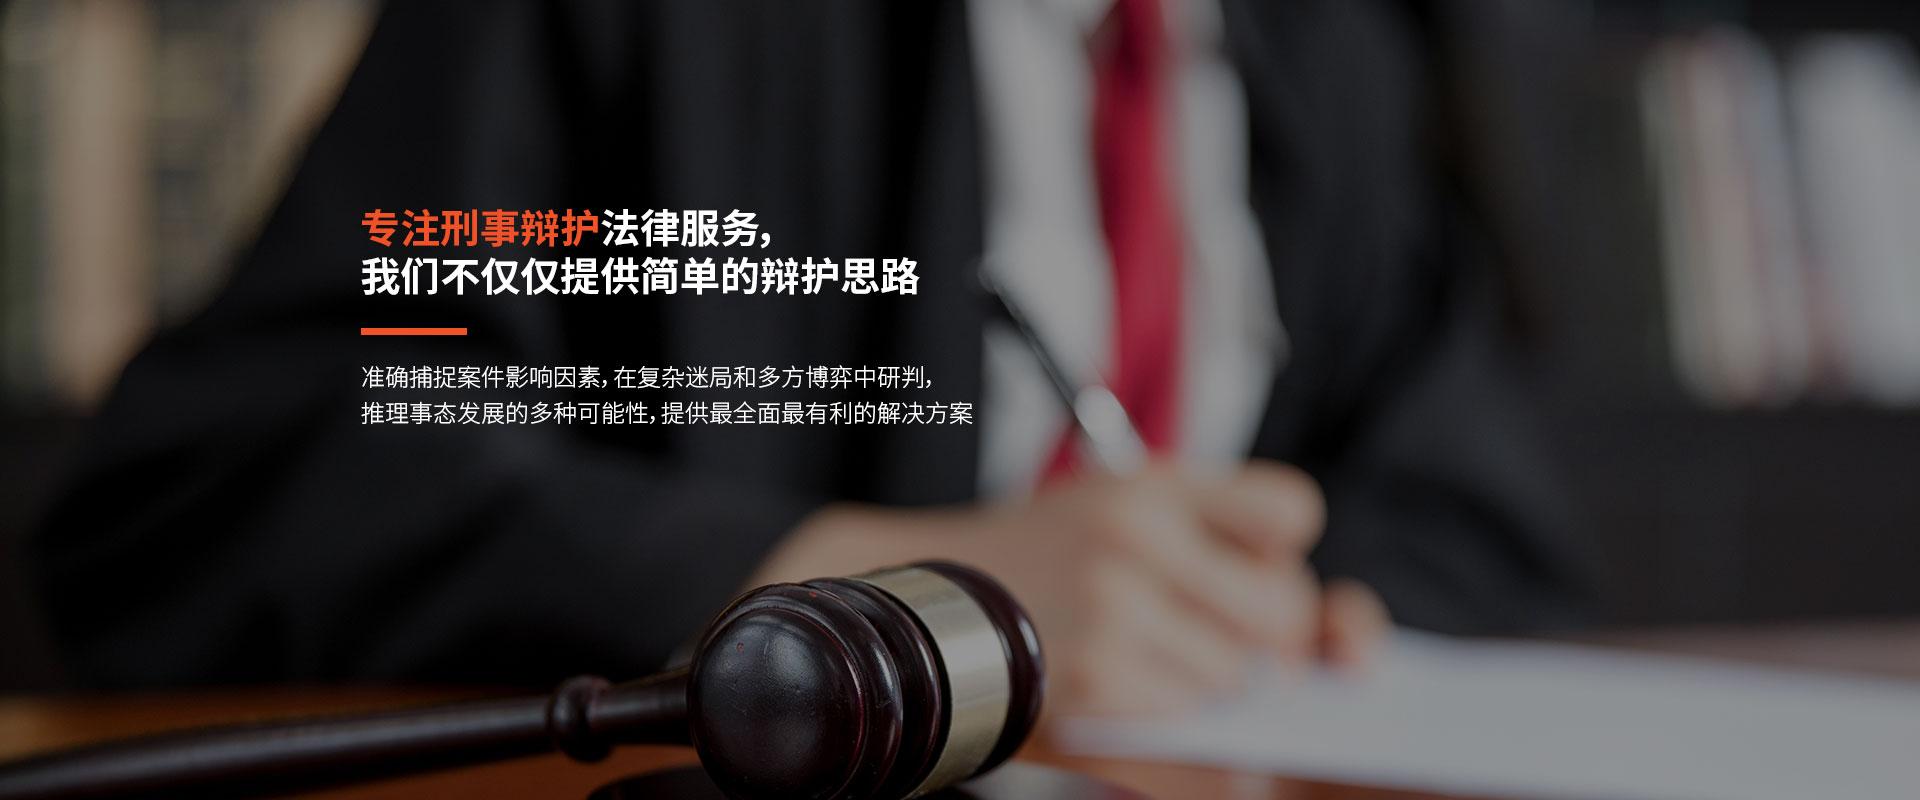 广州取保候审律师